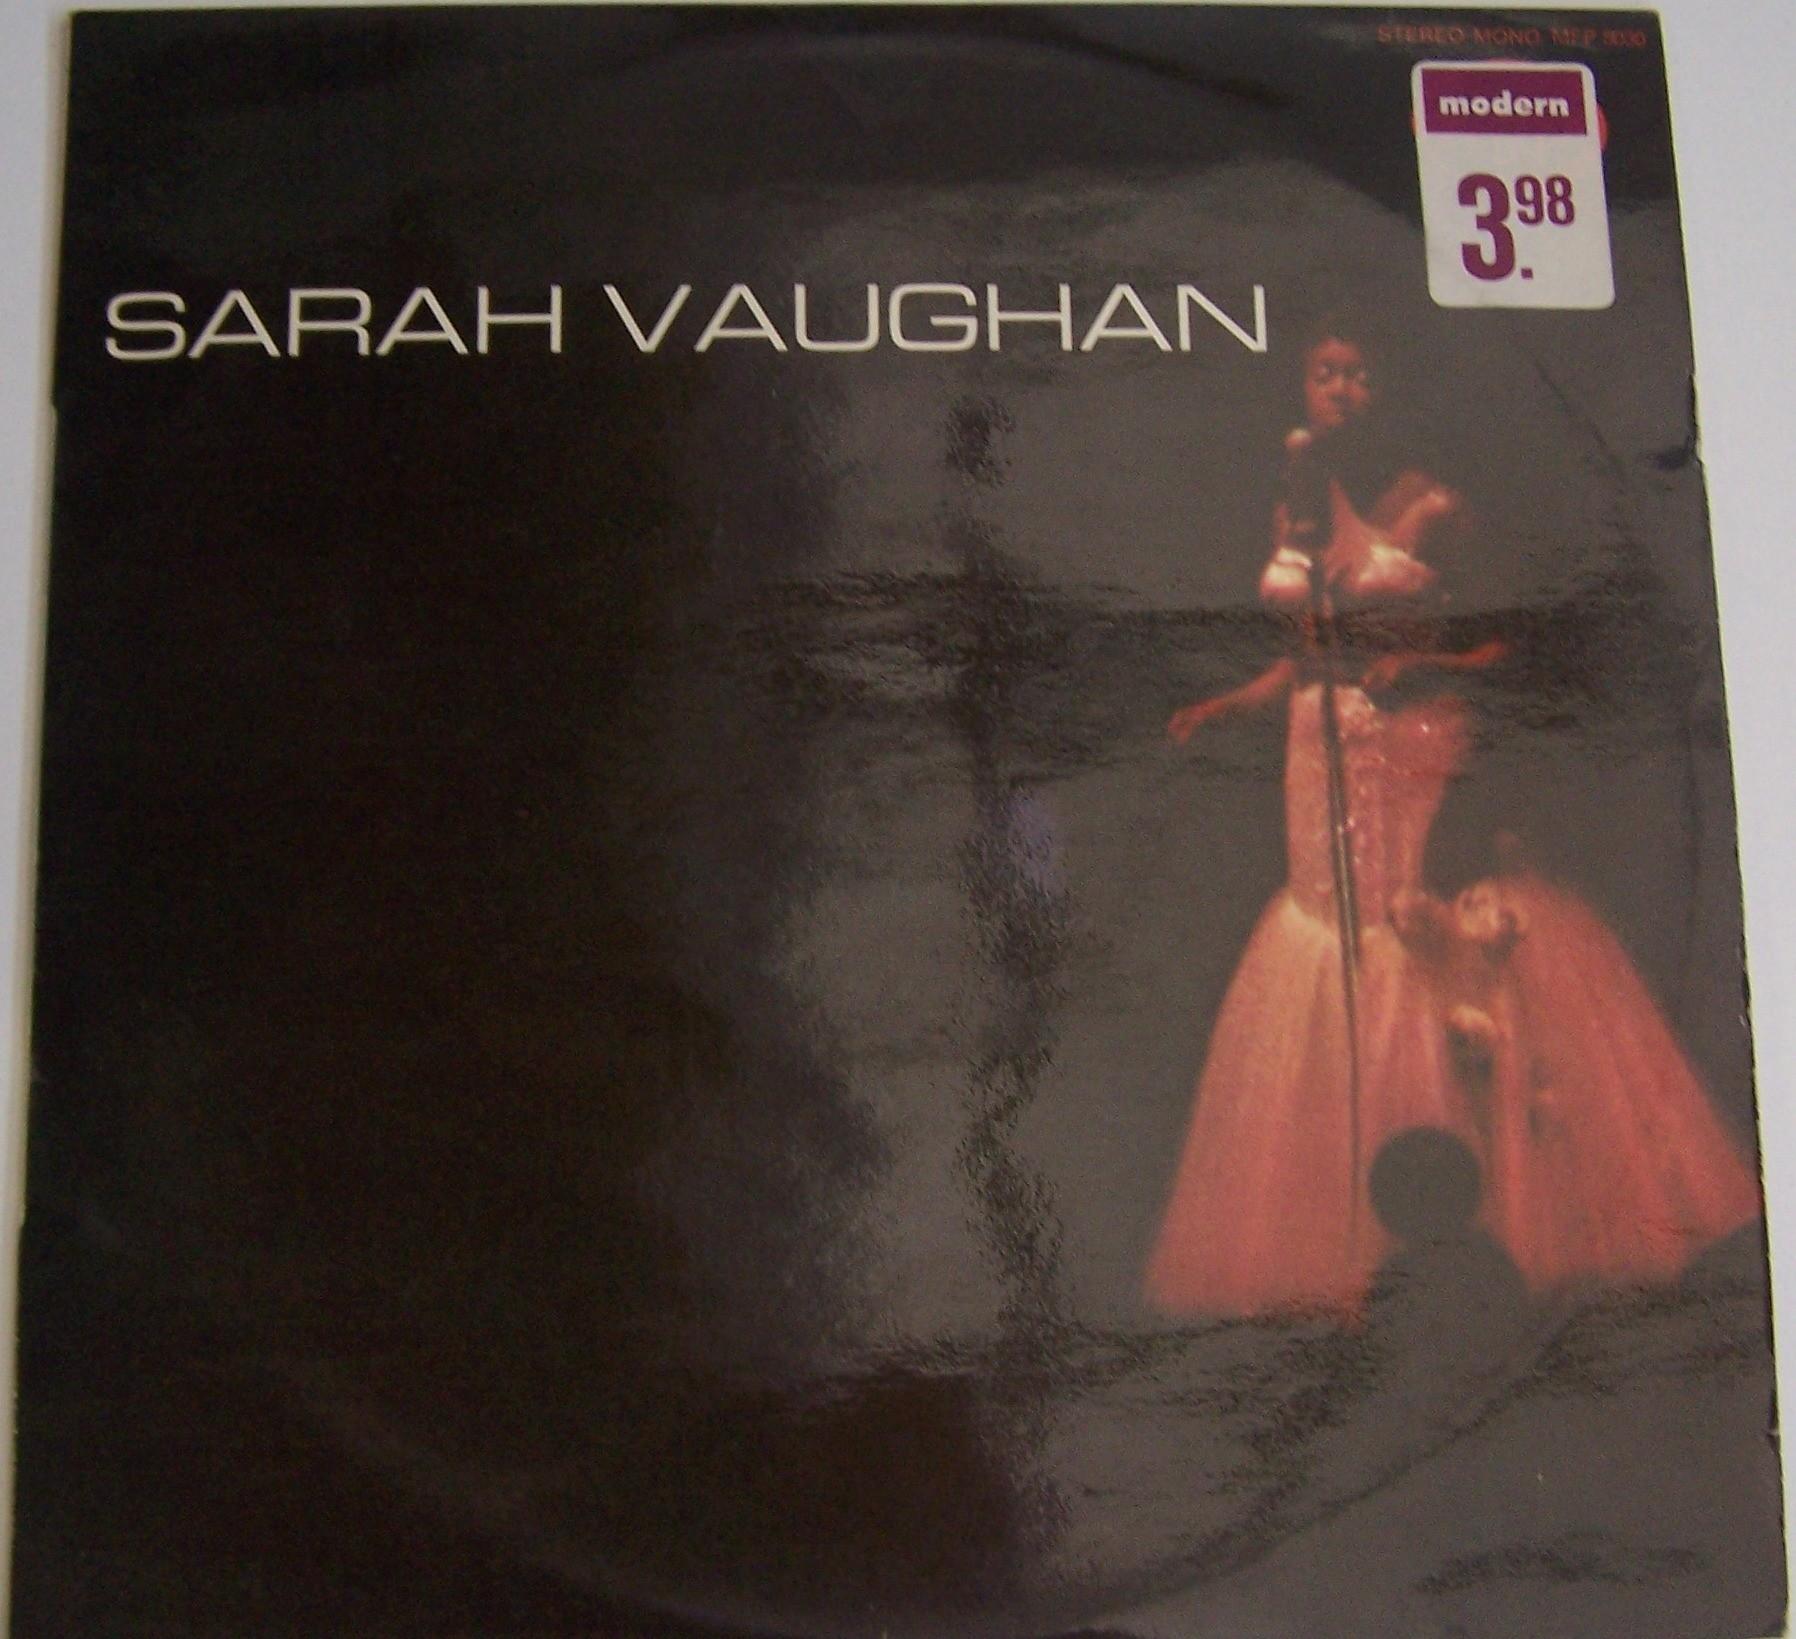 Vaughan Sarah - Sarah Vaughan